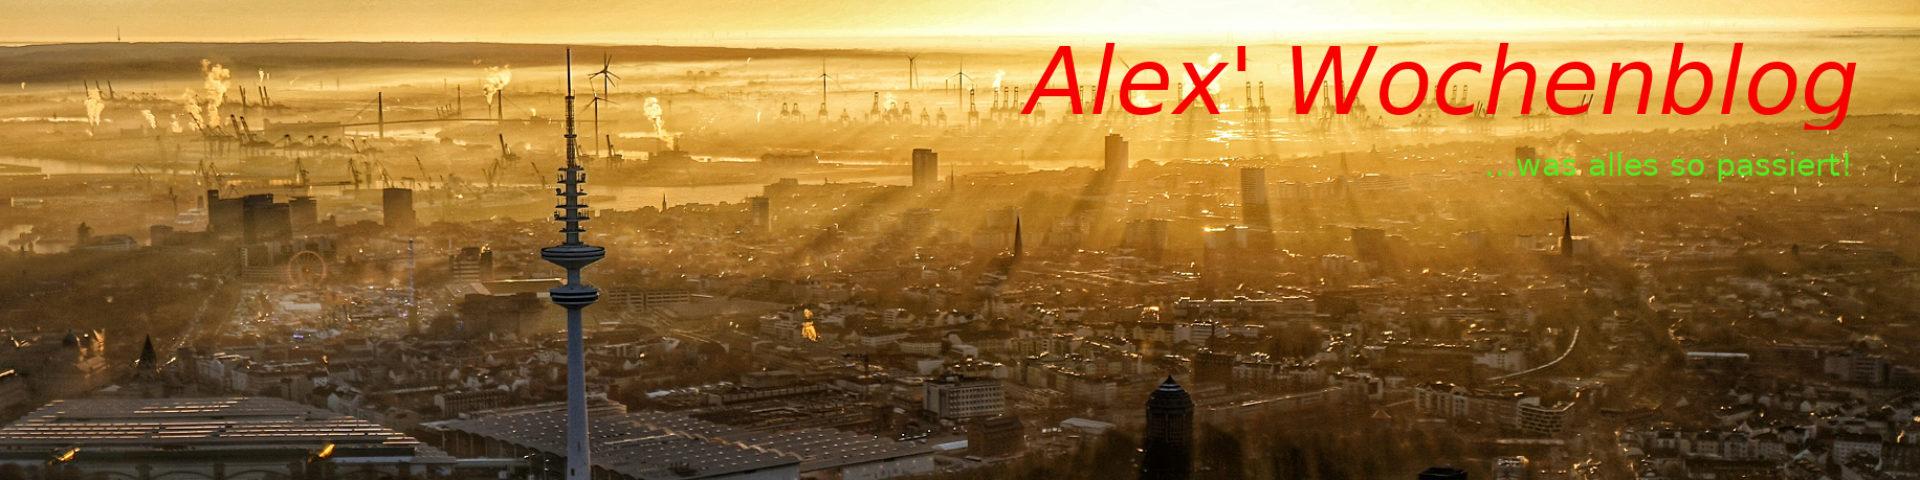 Alex Wochenblog